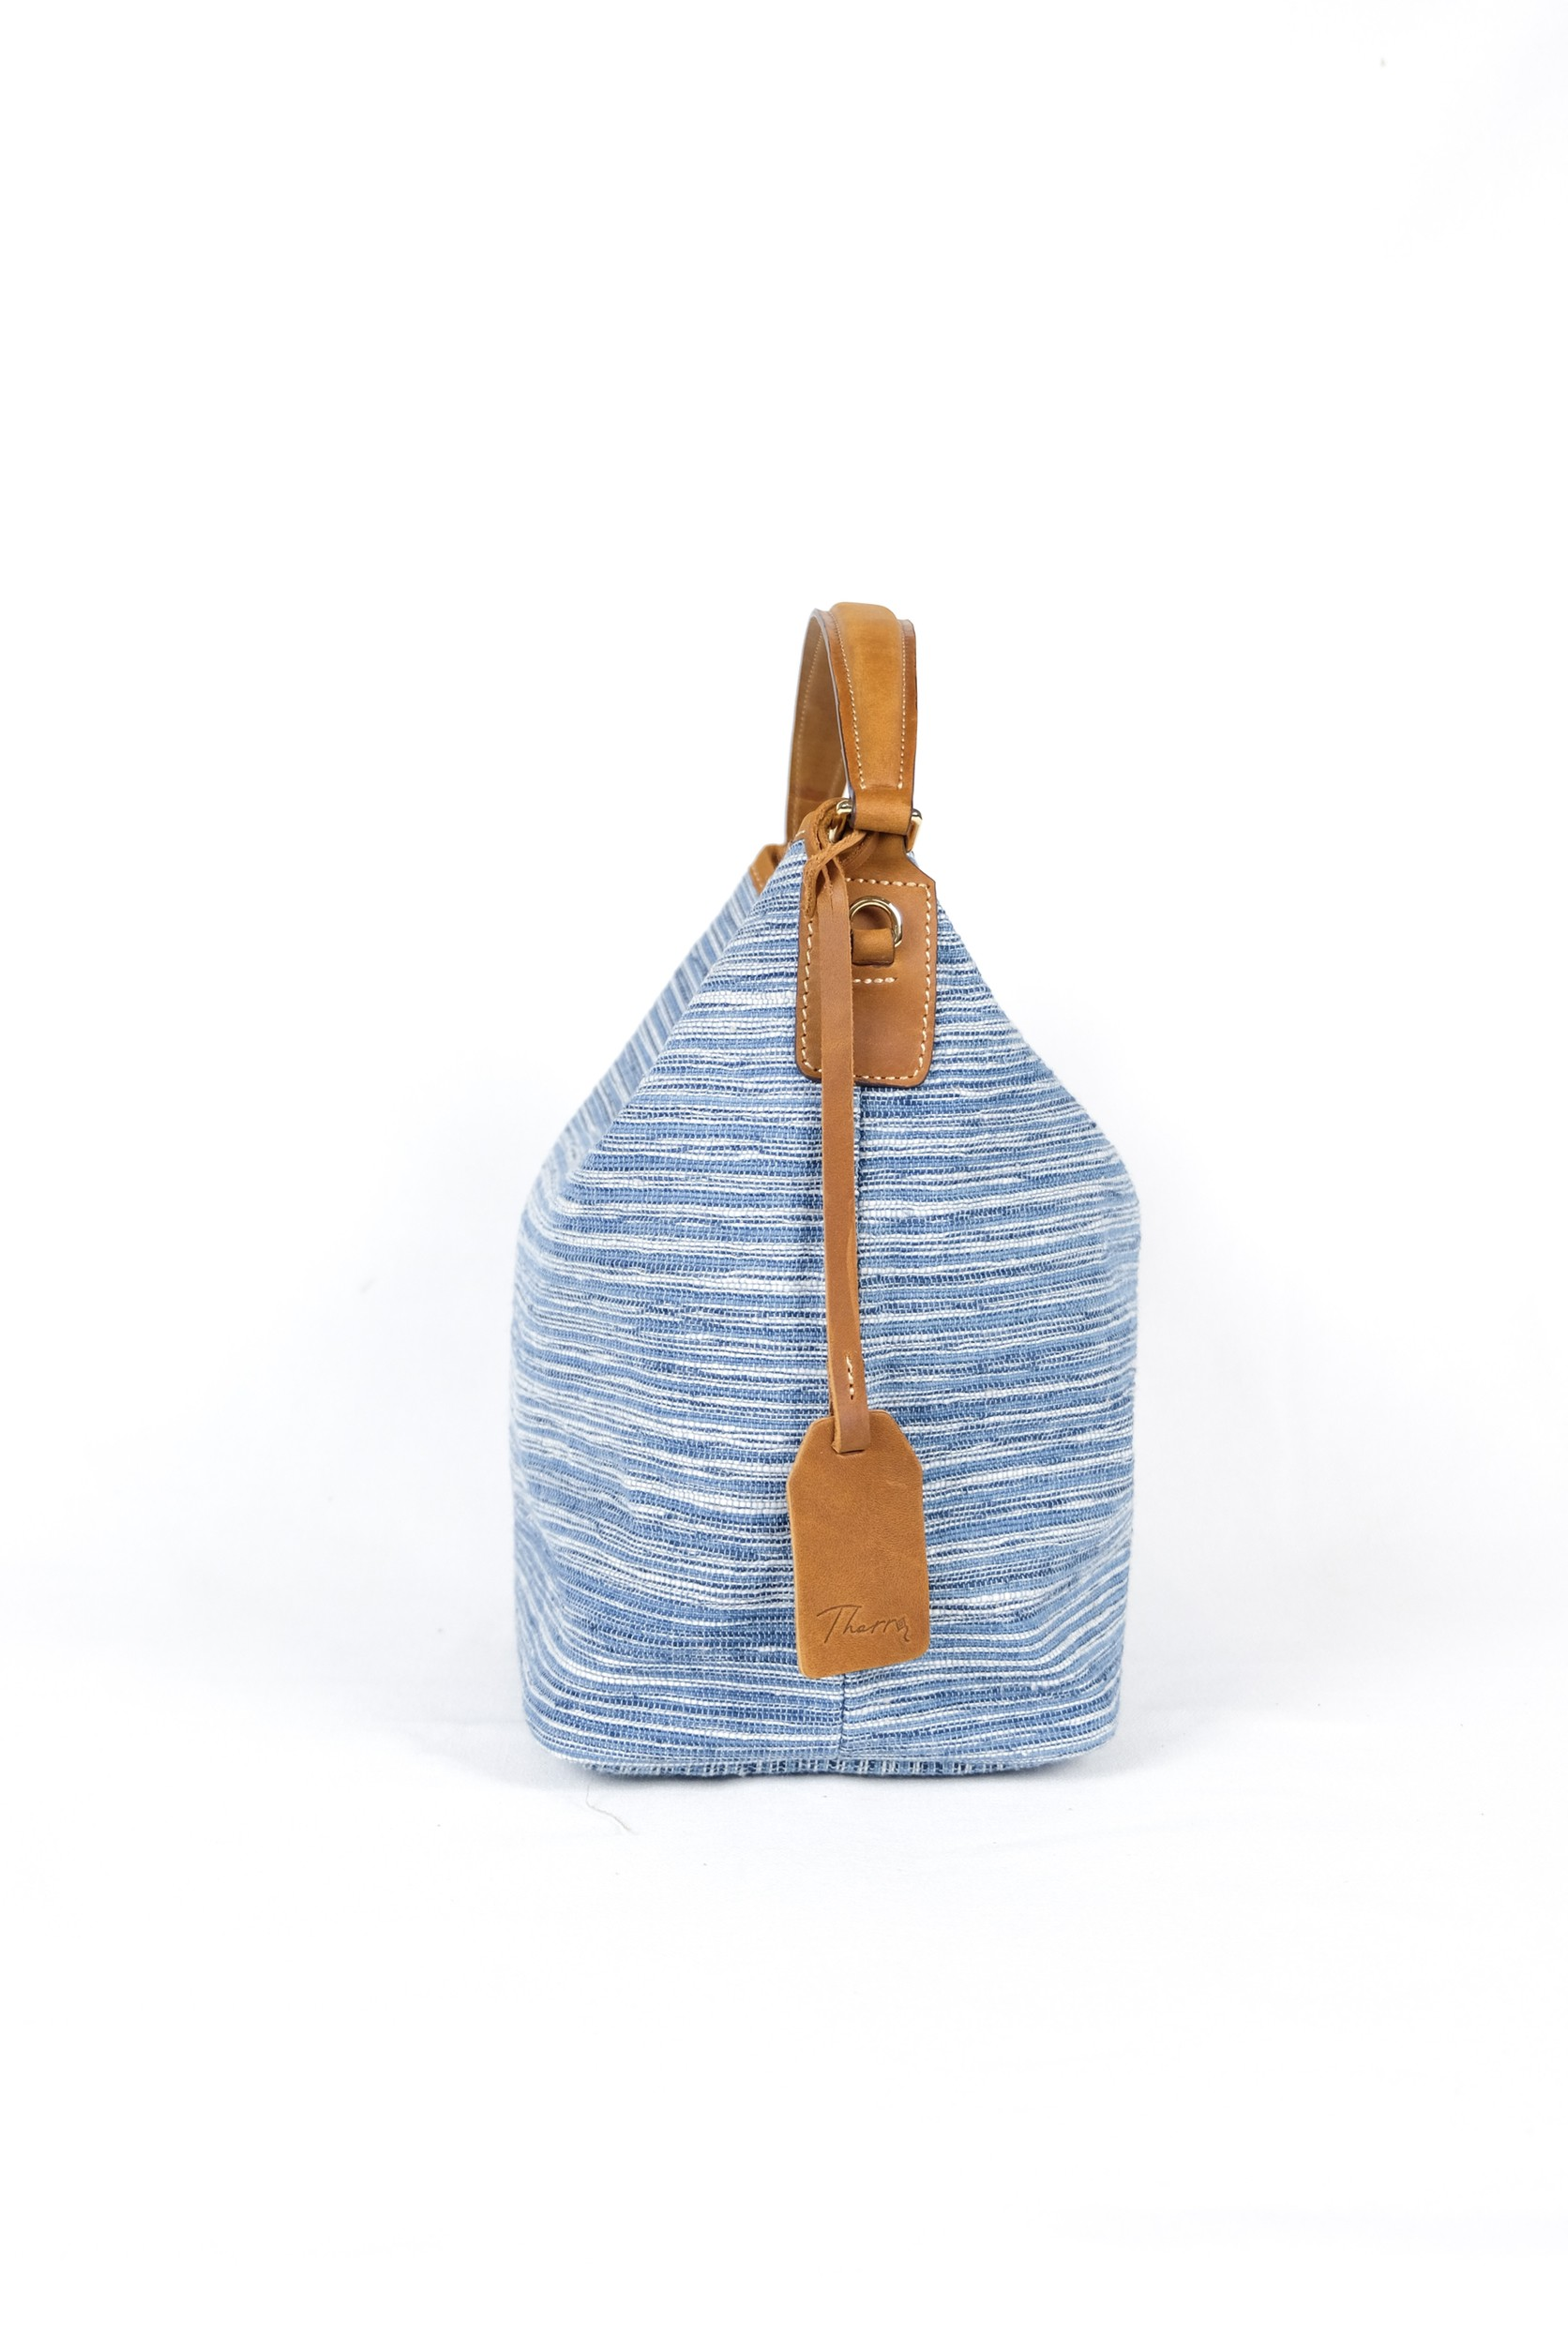 'Kram' bag_22l1ihh6kp